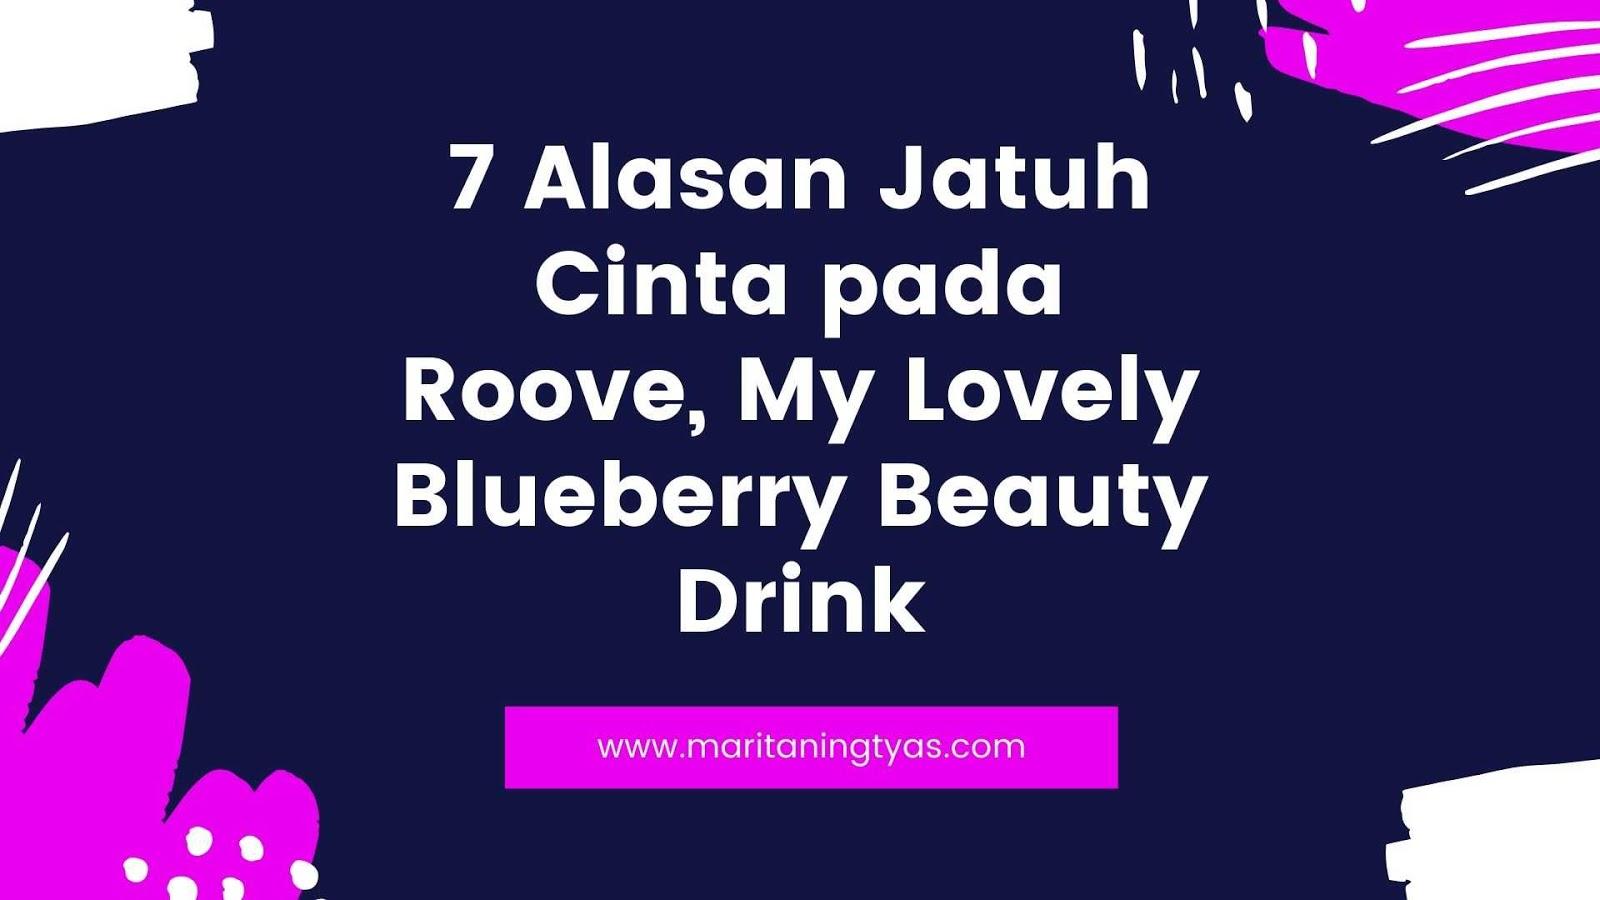 7 alasan jatuh cinta pada Roove beauty drink halal